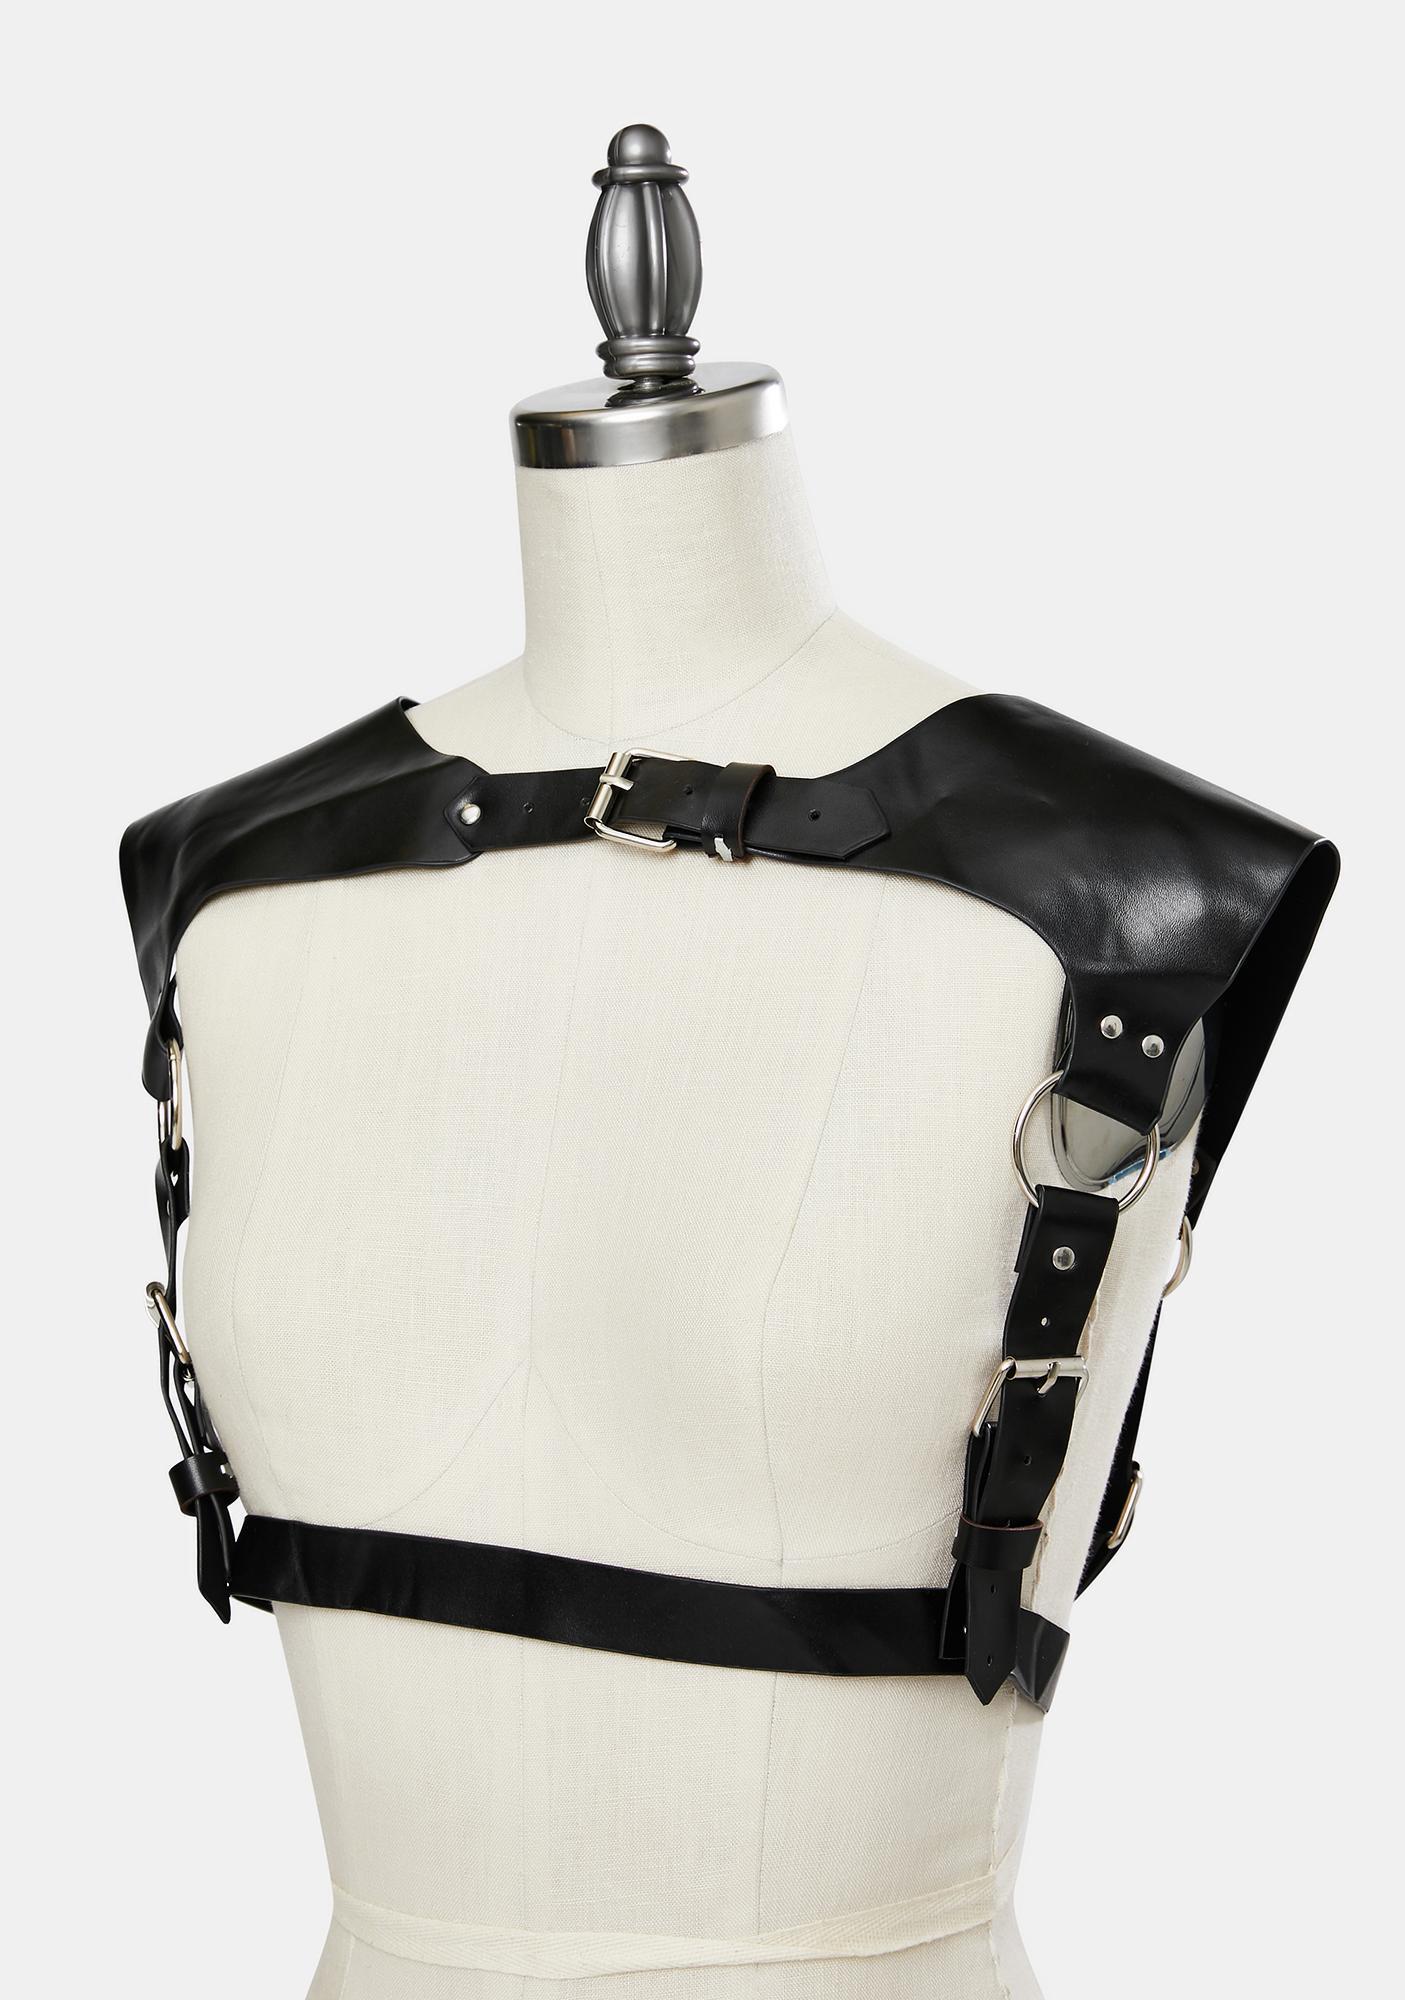 Vixen Armor Body Harness